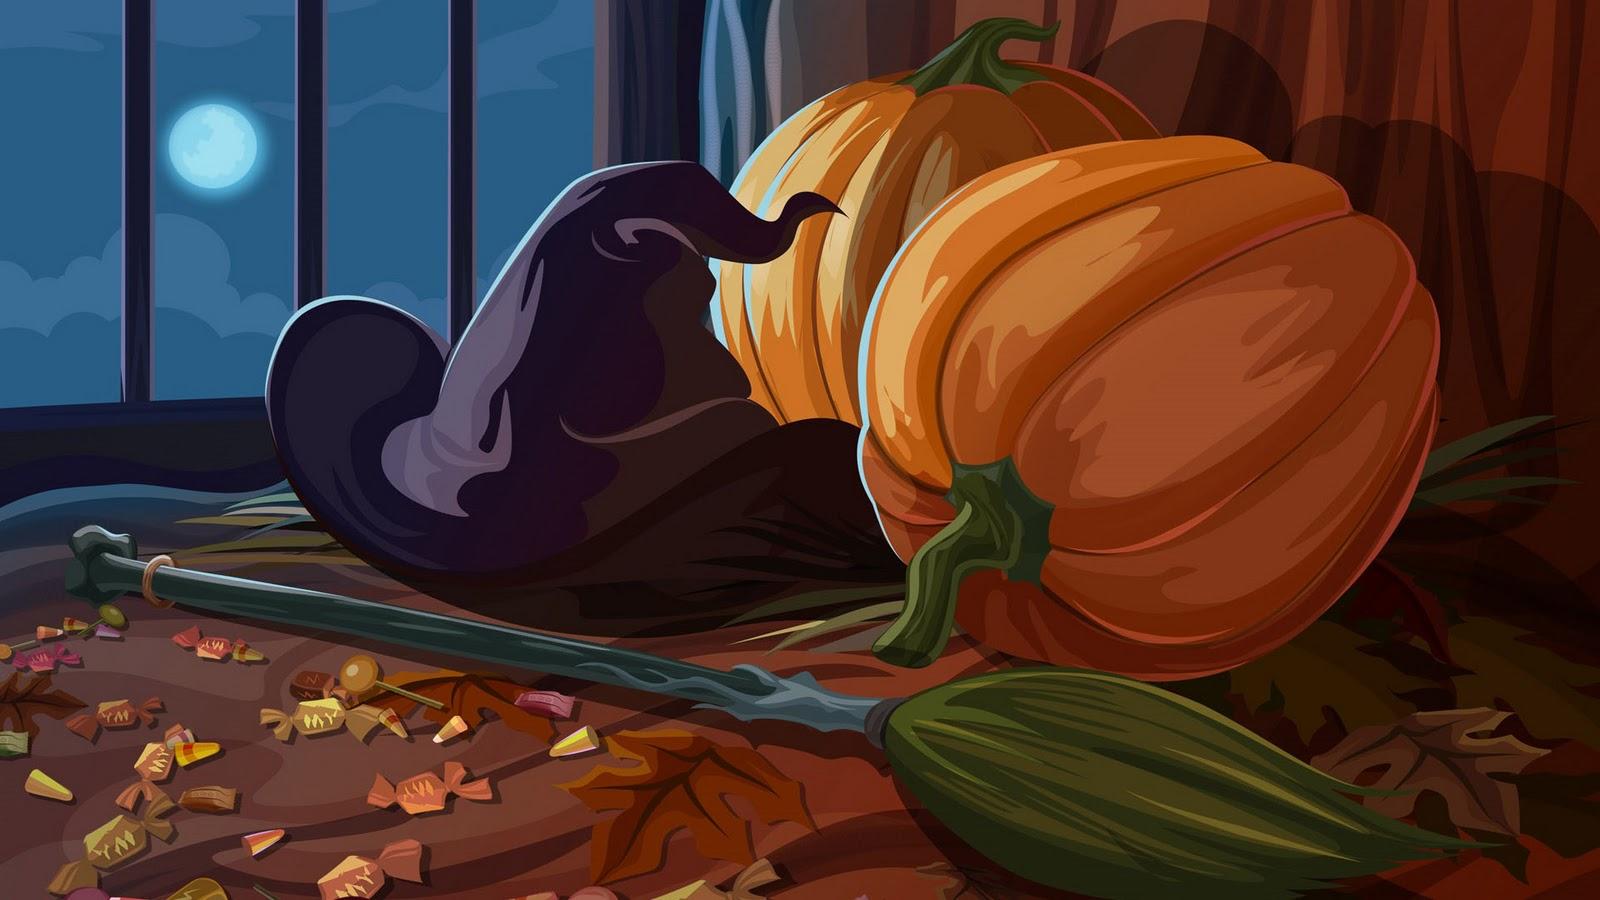 best desktop hd wallpaper halloween wallpapers - Halloween Wallpaper Download